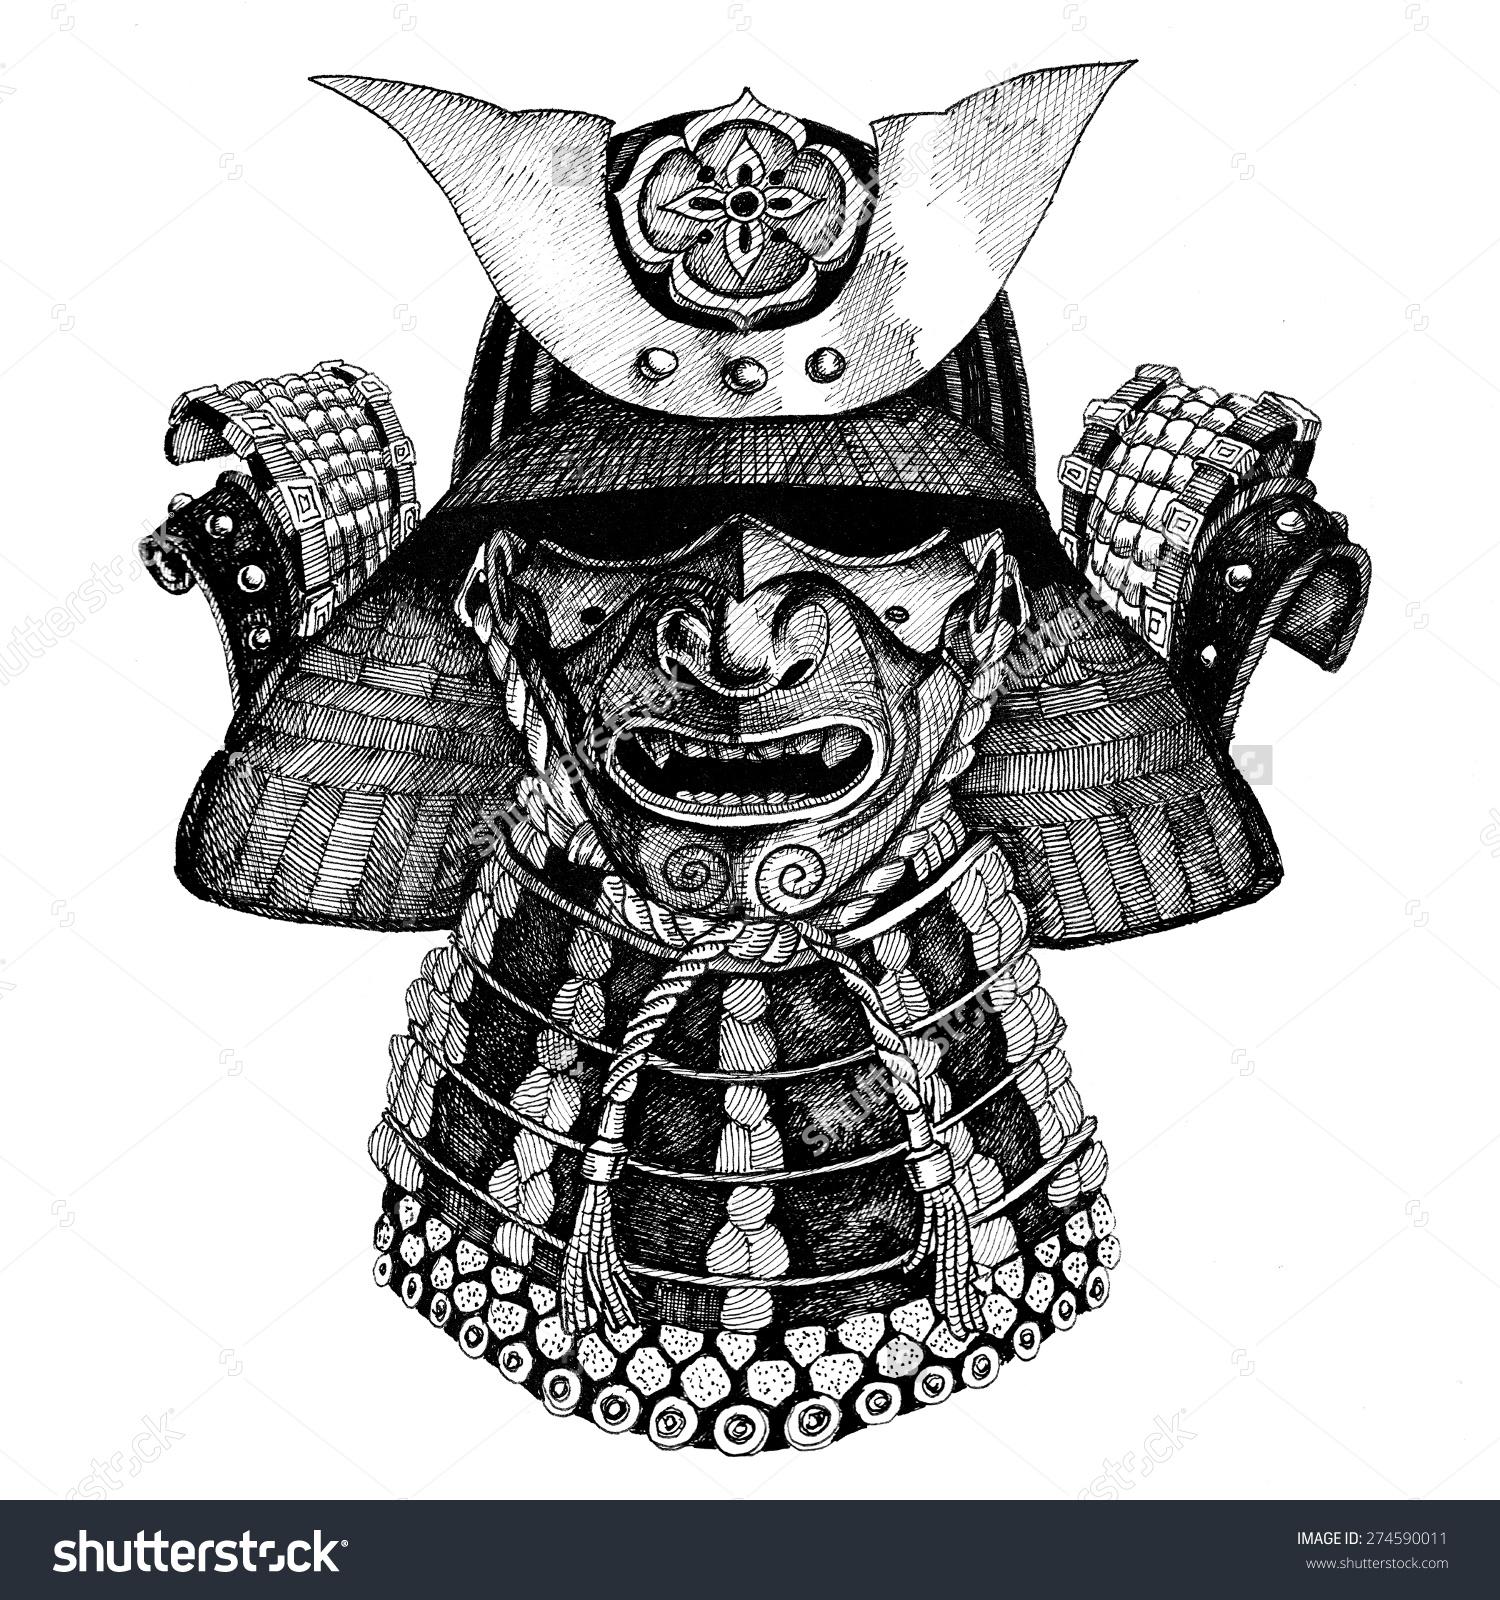 Drawn samurai samurai armor Google samurai Pesquisa Samurai Pinterest